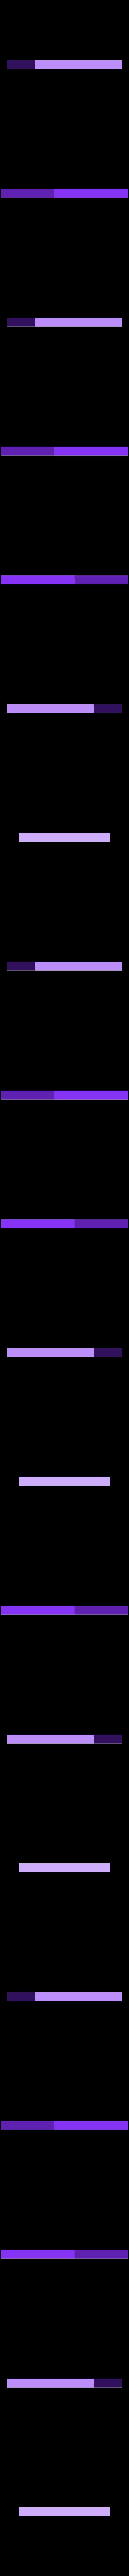 M3_test_plate.STL Télécharger fichier STL gratuit Test CAPTIVE NUTS • Design imprimable en 3D, daGHIZmo